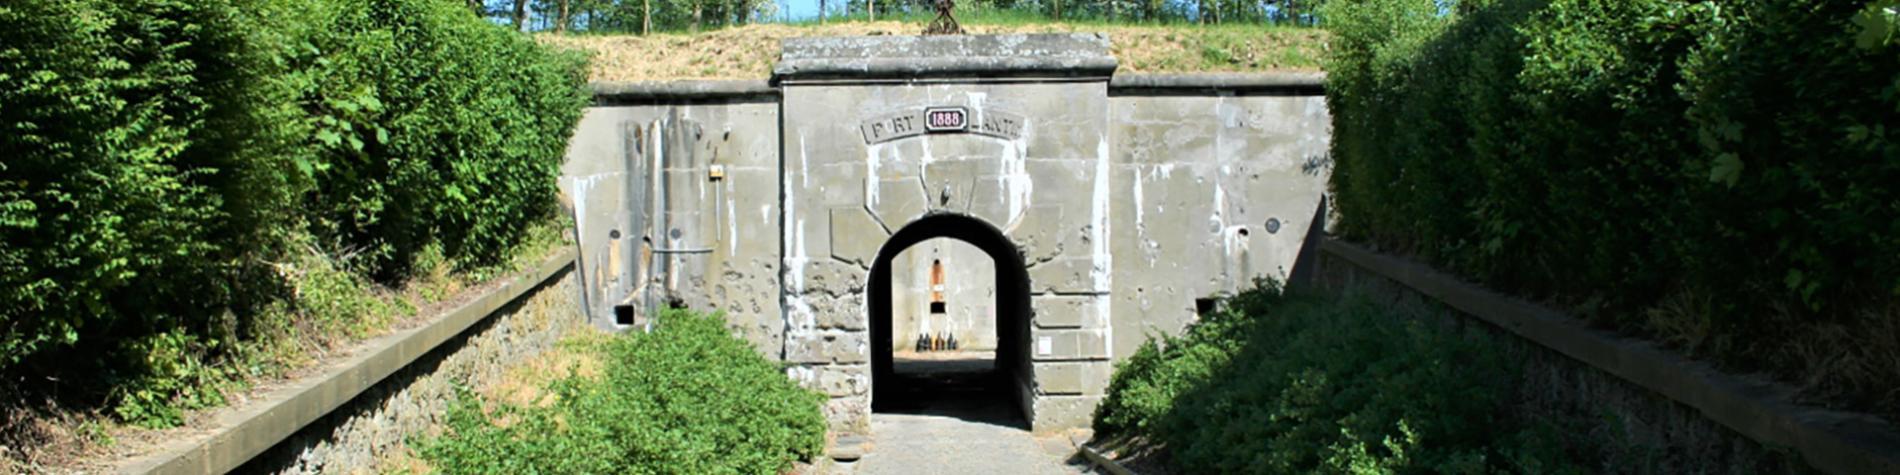 Le Fort de Lantin - entrée